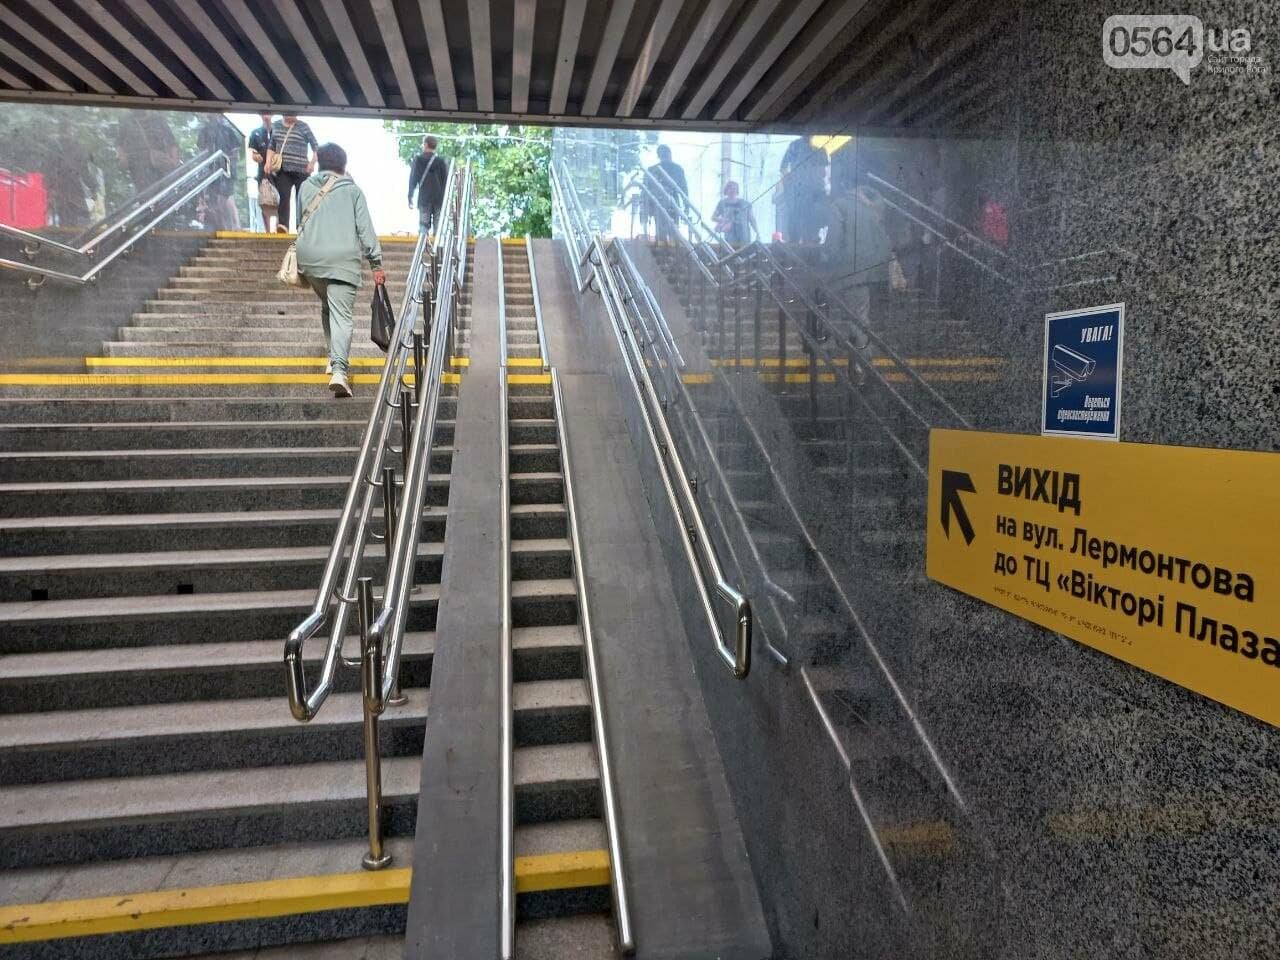 Возле Центрального рынка в Кривом Роге закрыли наземный переход и открыли подземный, - ФОТО, фото-15